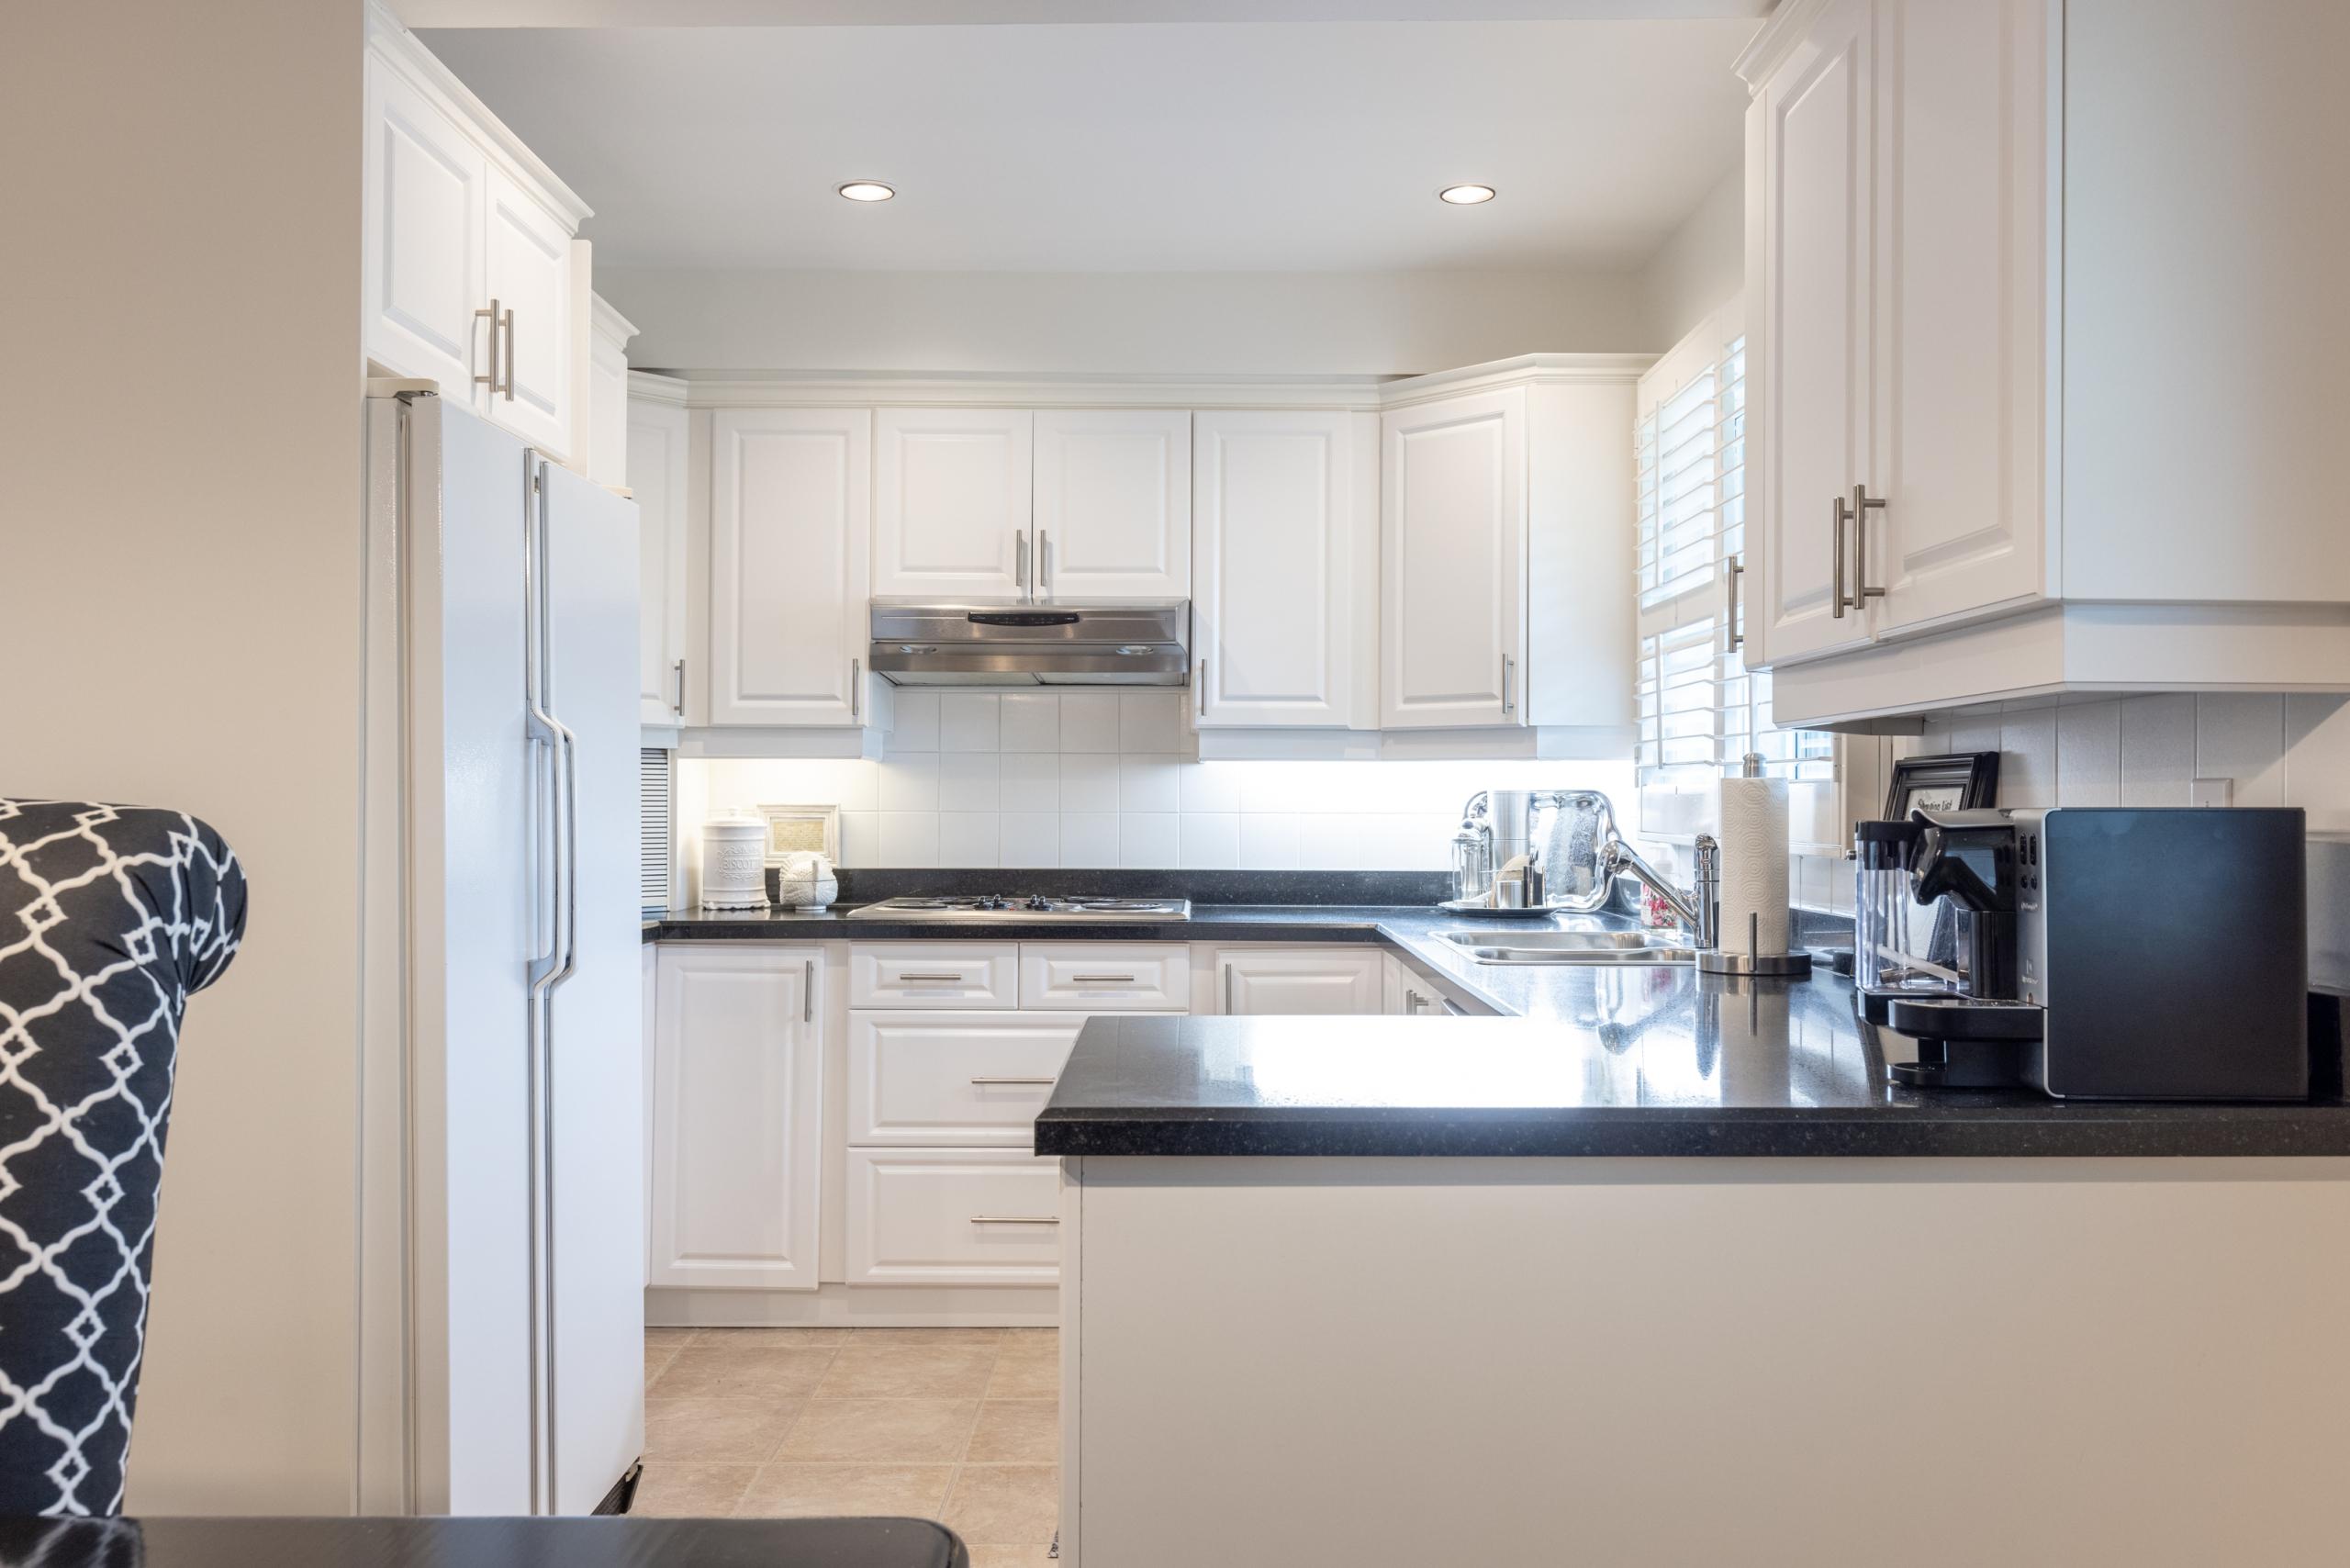 Kitchen featured at 16-2299 Marine Drive, Oakville, ON at Alex Irish & Associates